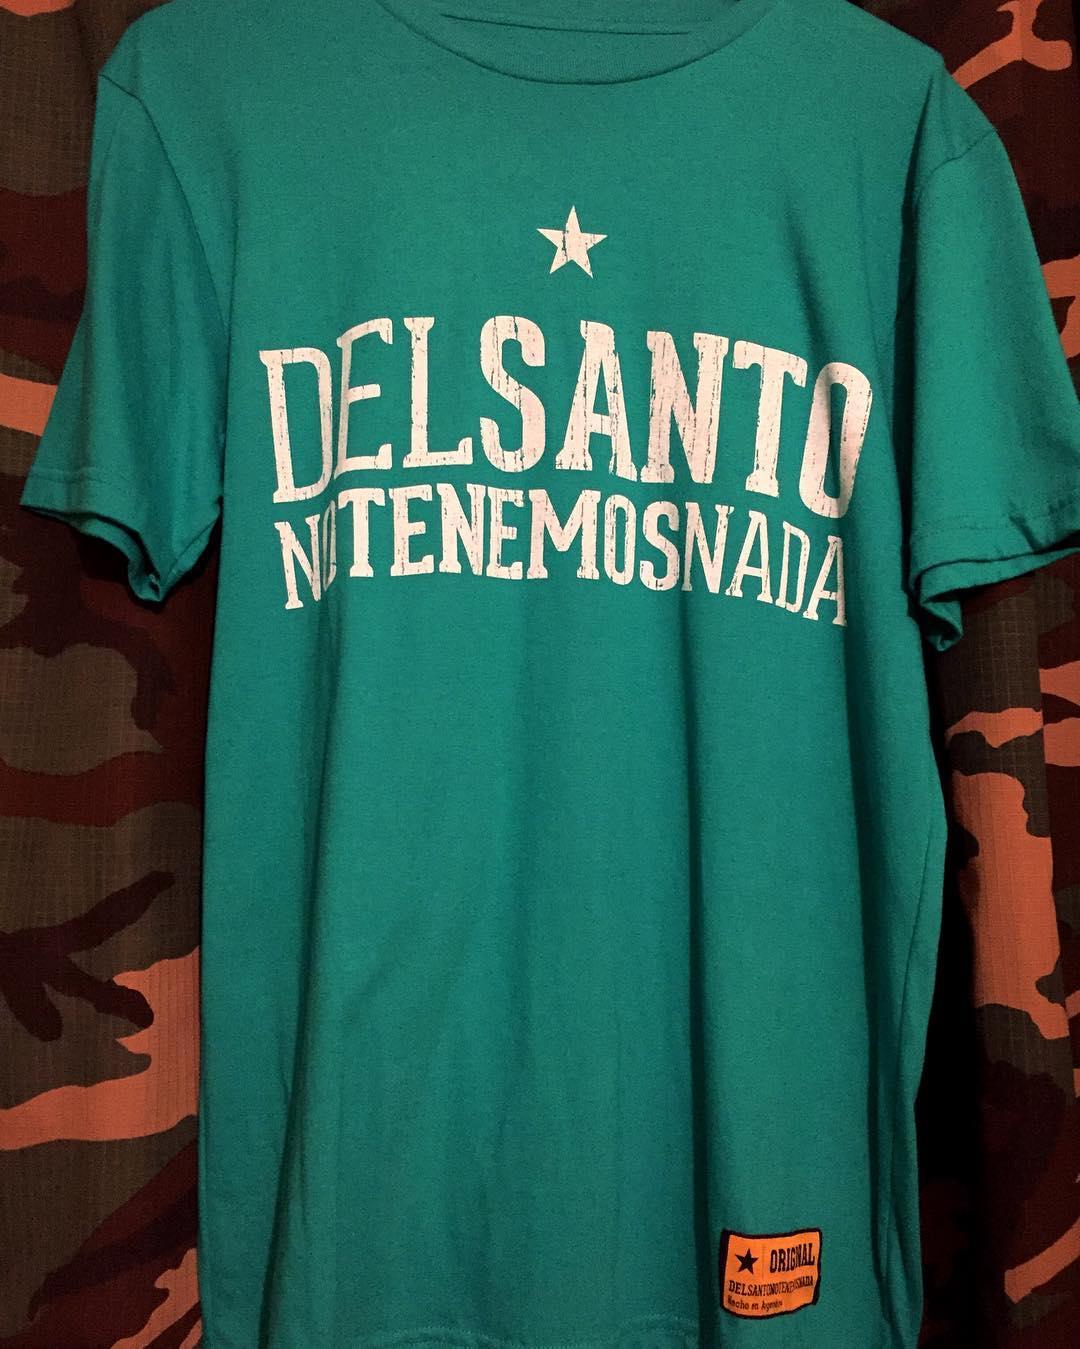 Una de mis favoritas  ustedes cual prefieren ??? entren en la web y vean todos los modelos y colores  Www.delsanto.com.ar  @delsanto @delsanto @delsantofamily  #brand  #ropa  #clothing  #team #bmx #skate #word